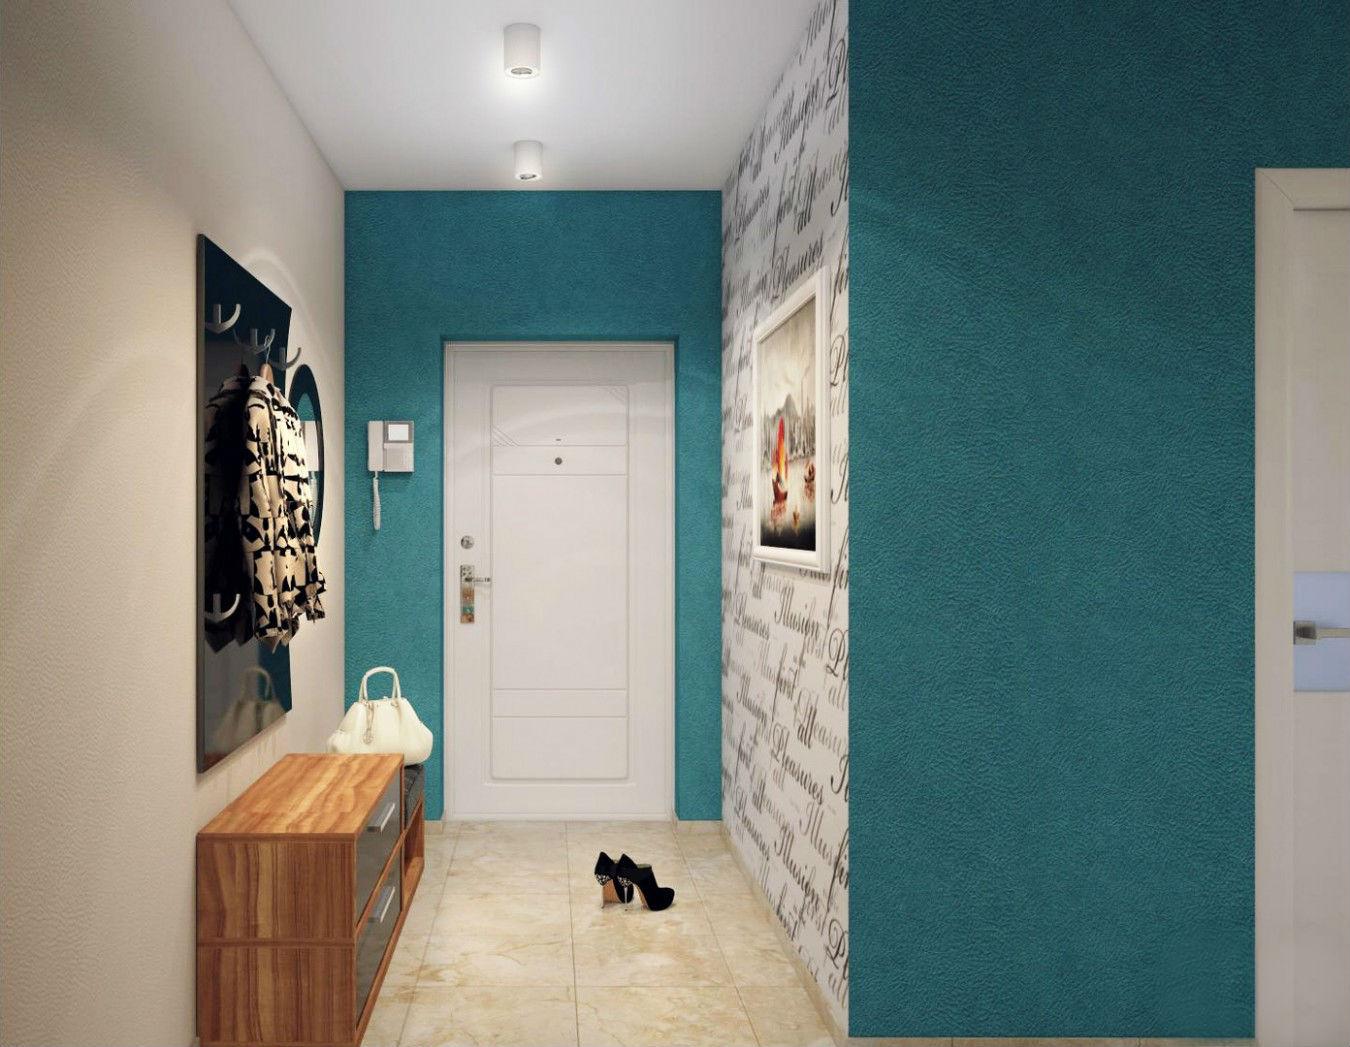 conception du couloir dans les idées intérieures de l'appartement